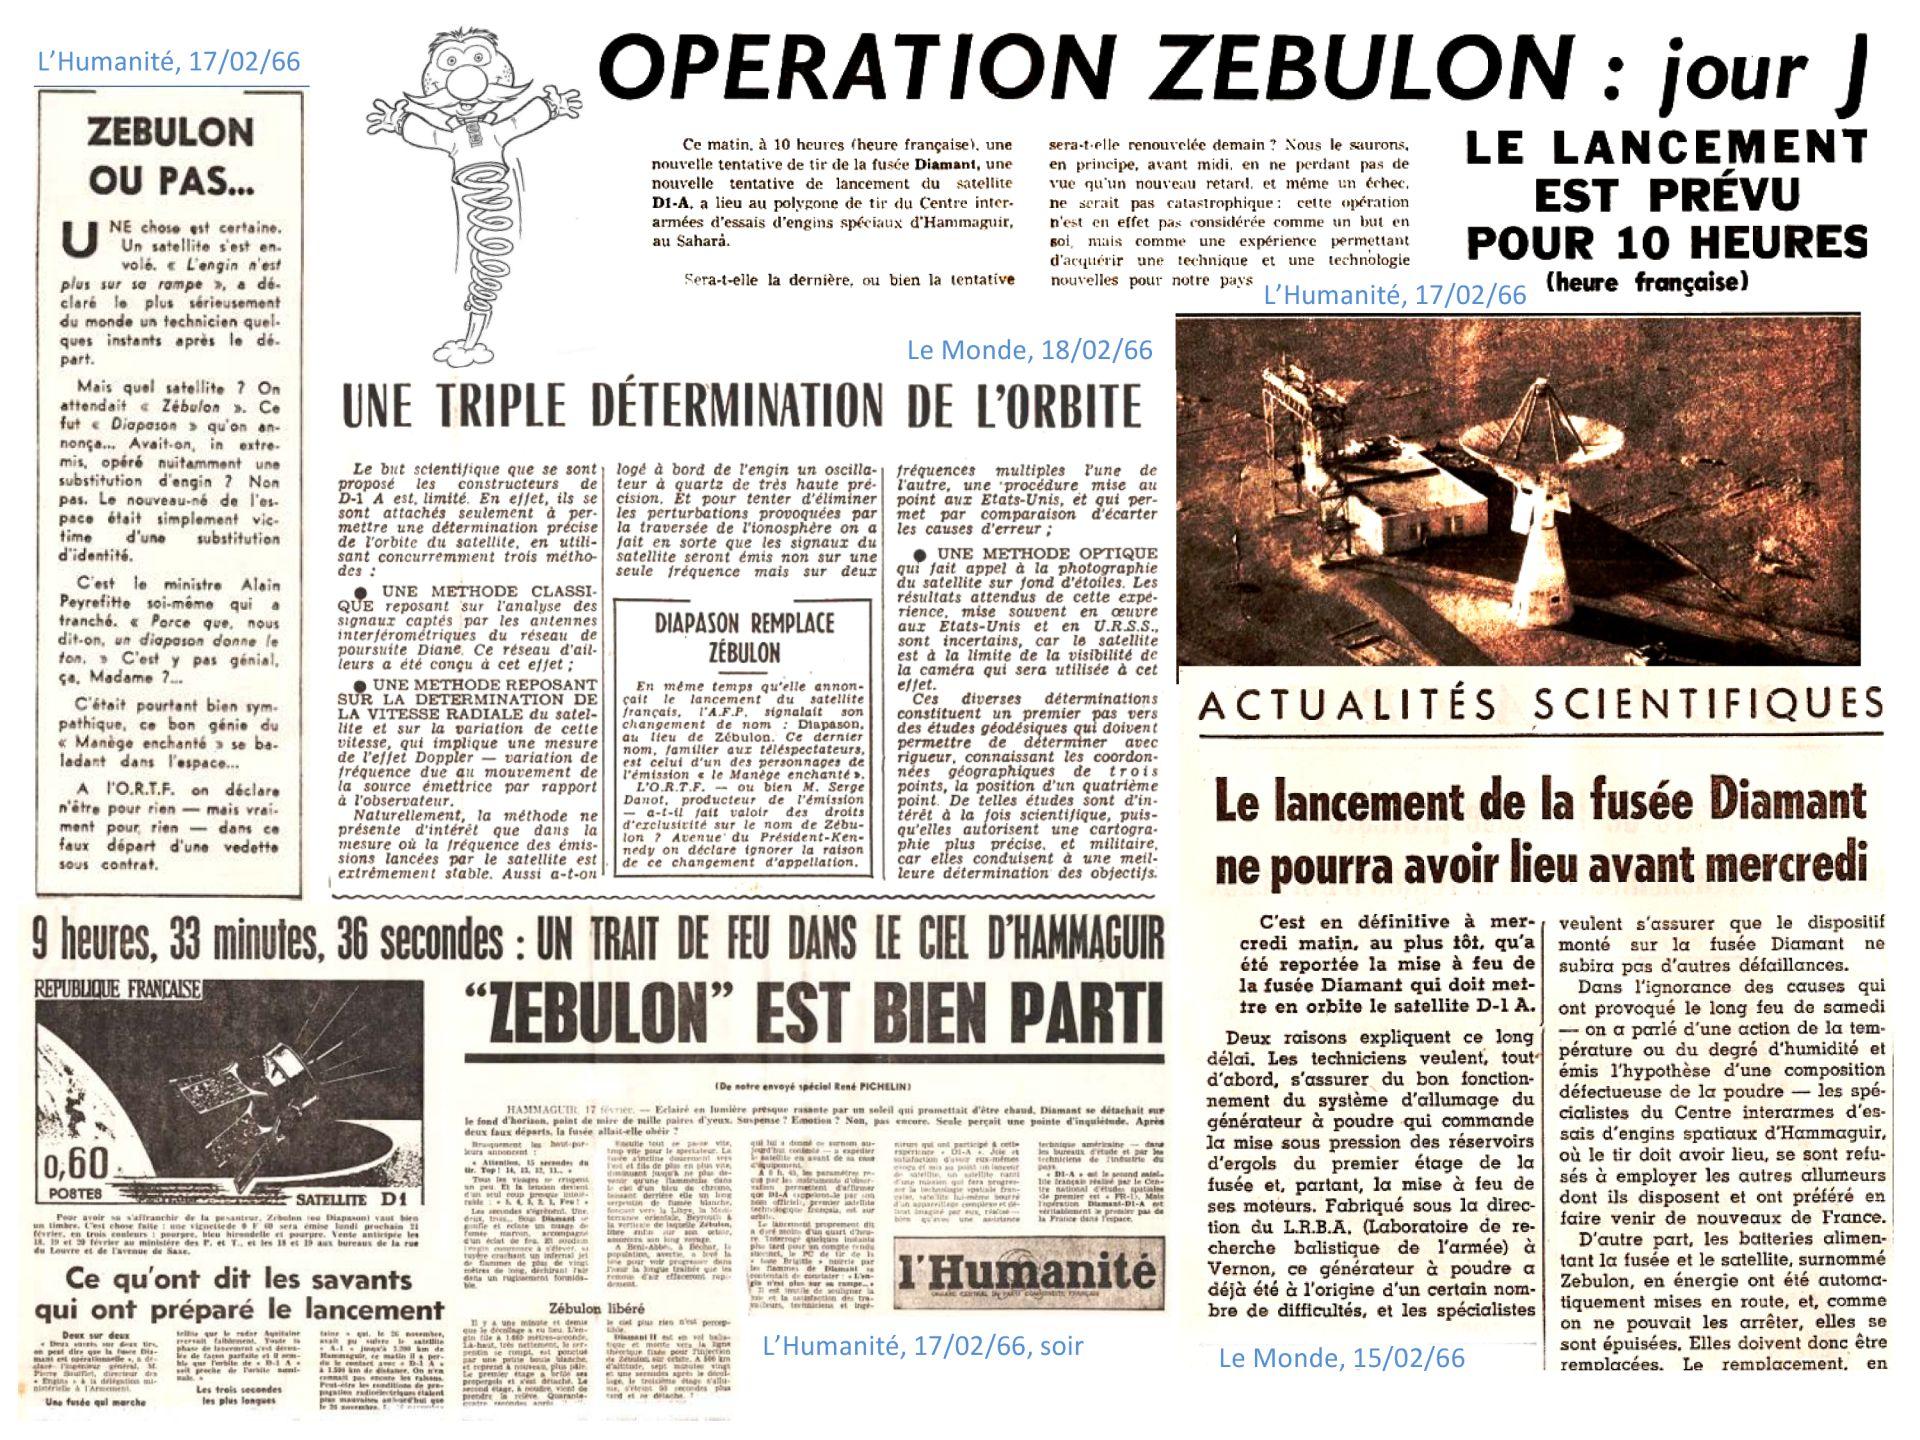 D1-A - Diapason - Zébulon - Manège Enchanté - CNES - Hammaguir - Revue de presse